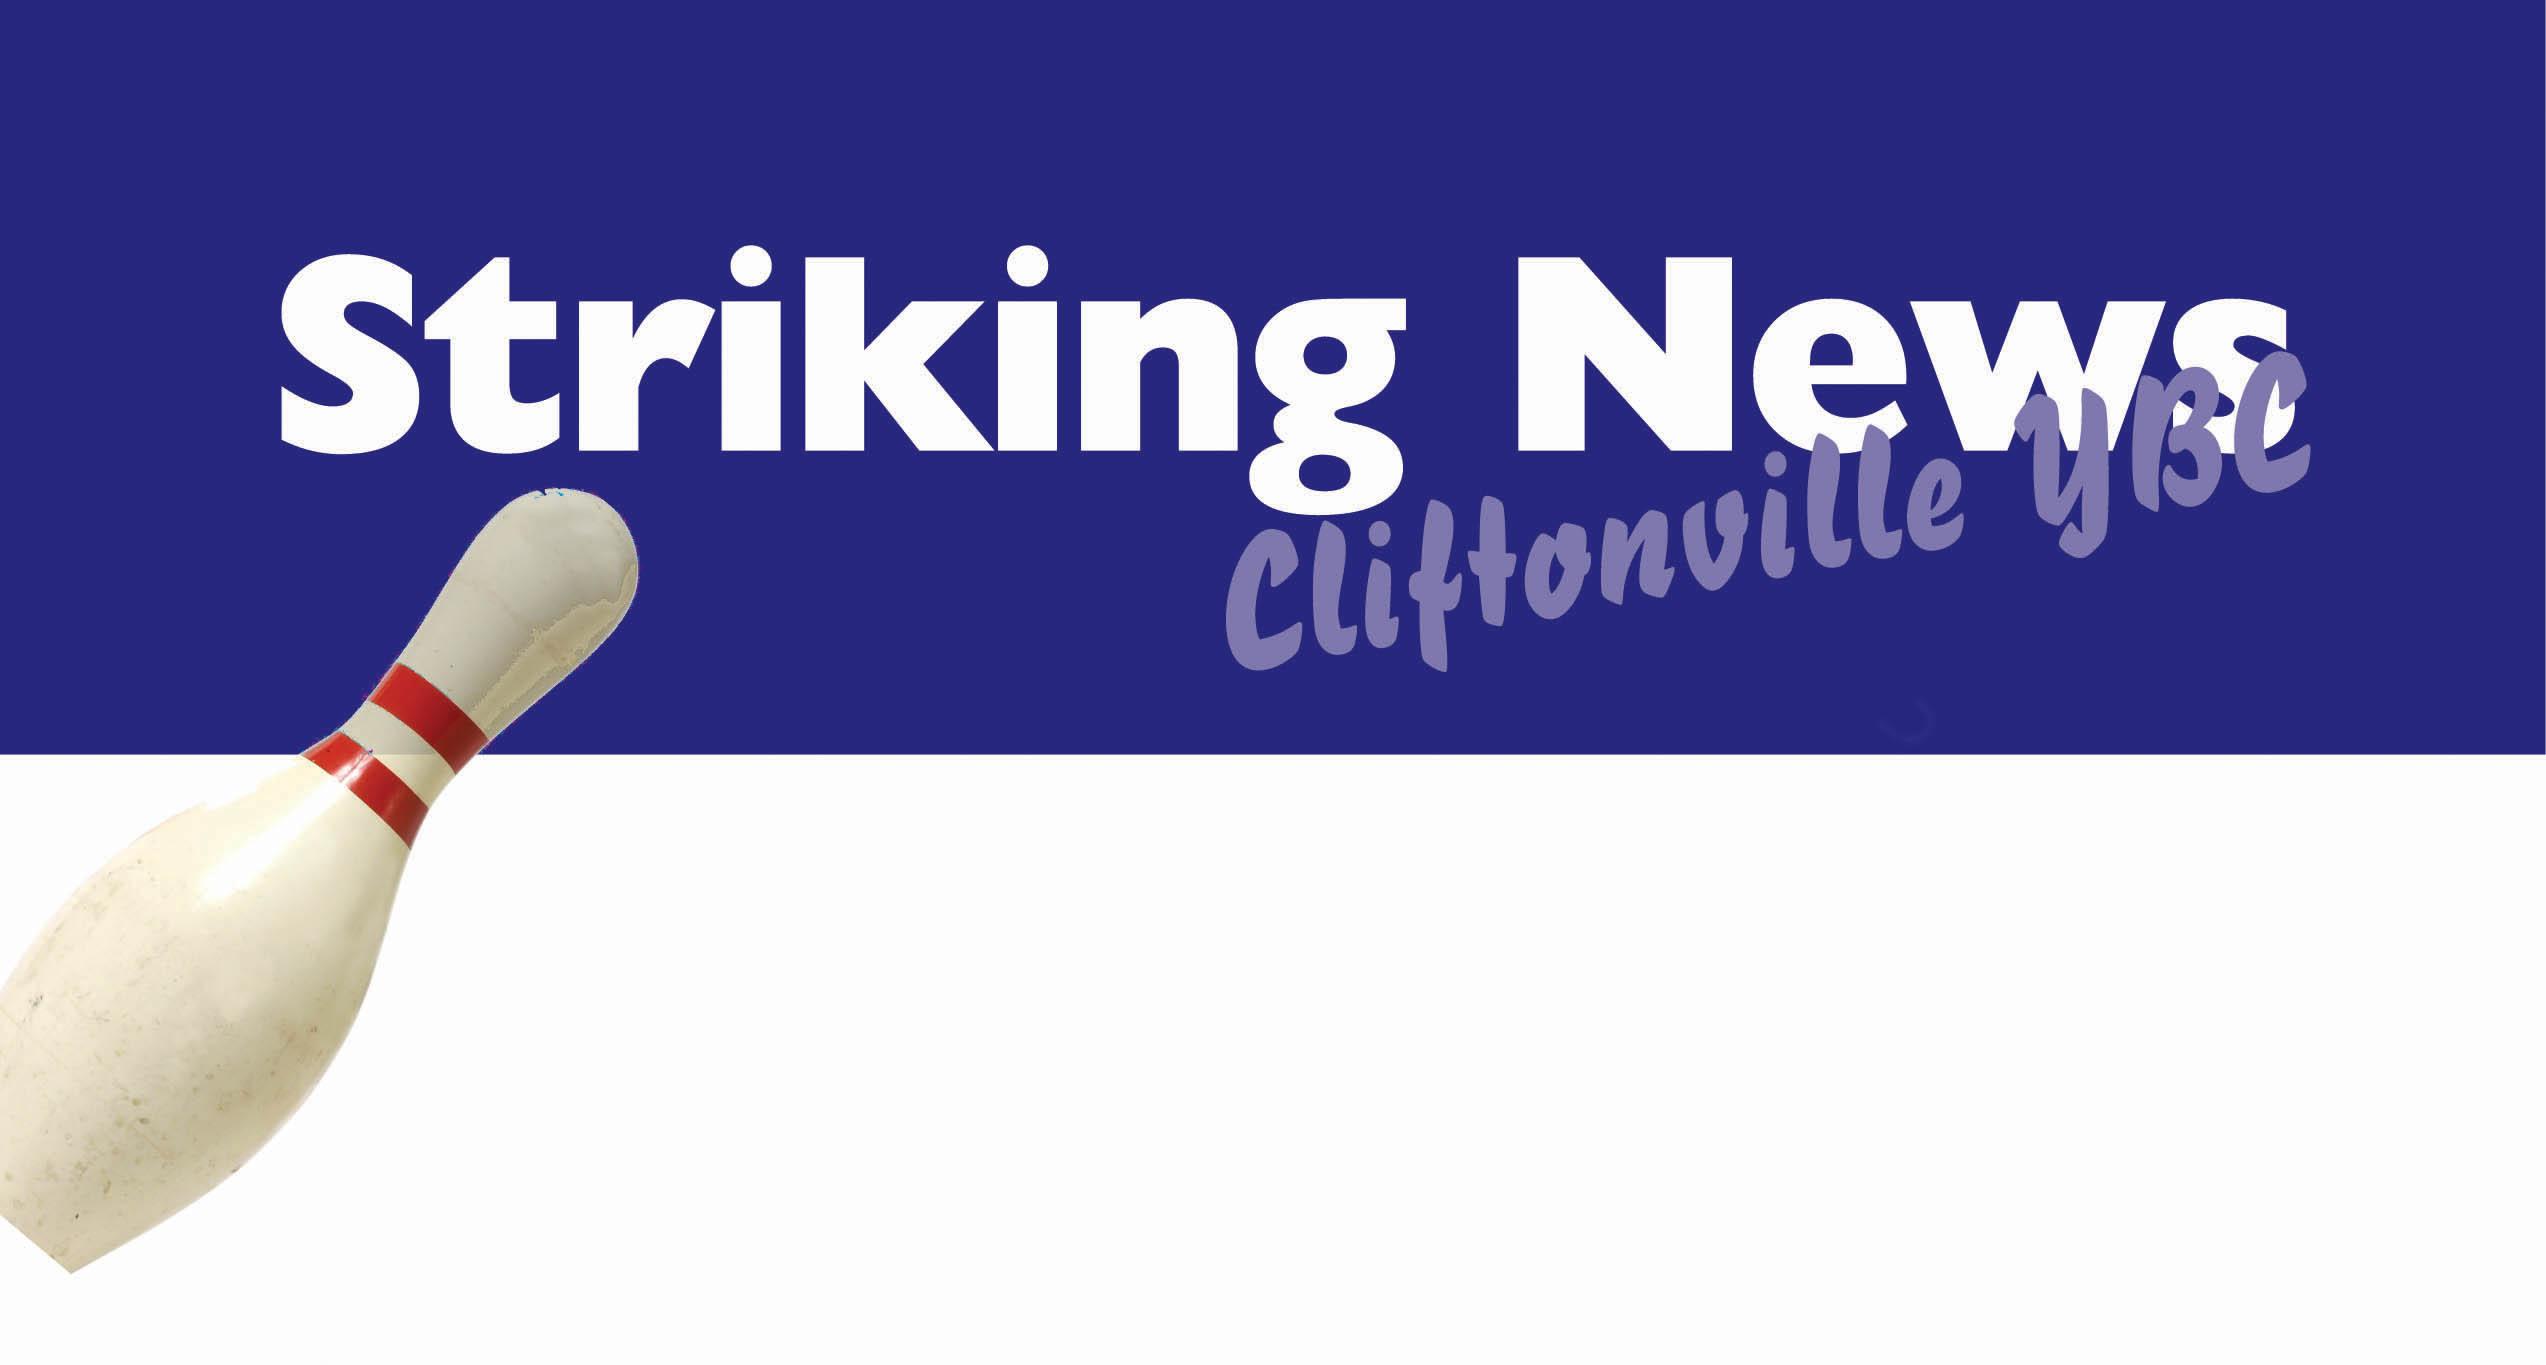 Cliftonville YBC's regular Newsletter is called Breaking News ...